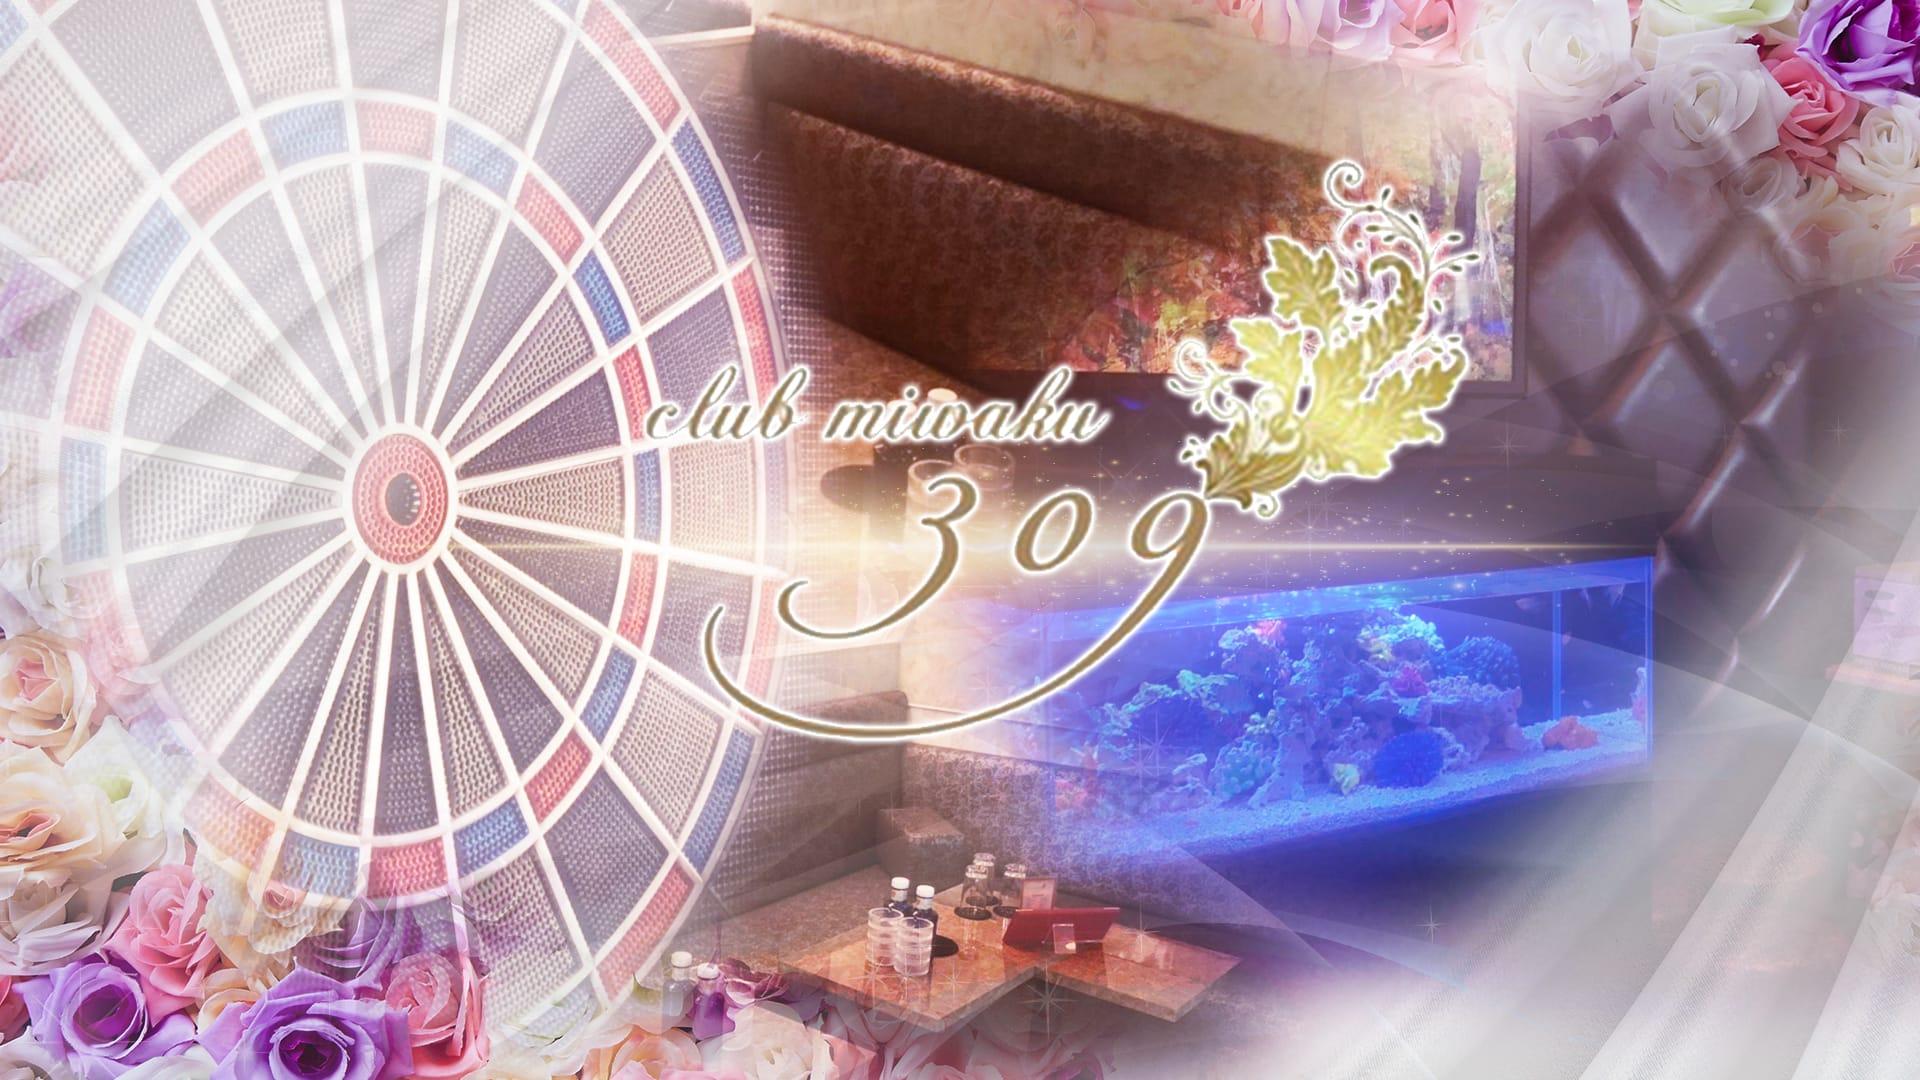 朝キャバ・CLUB 309(アサキャバ クラブ ミワク) TOP画像